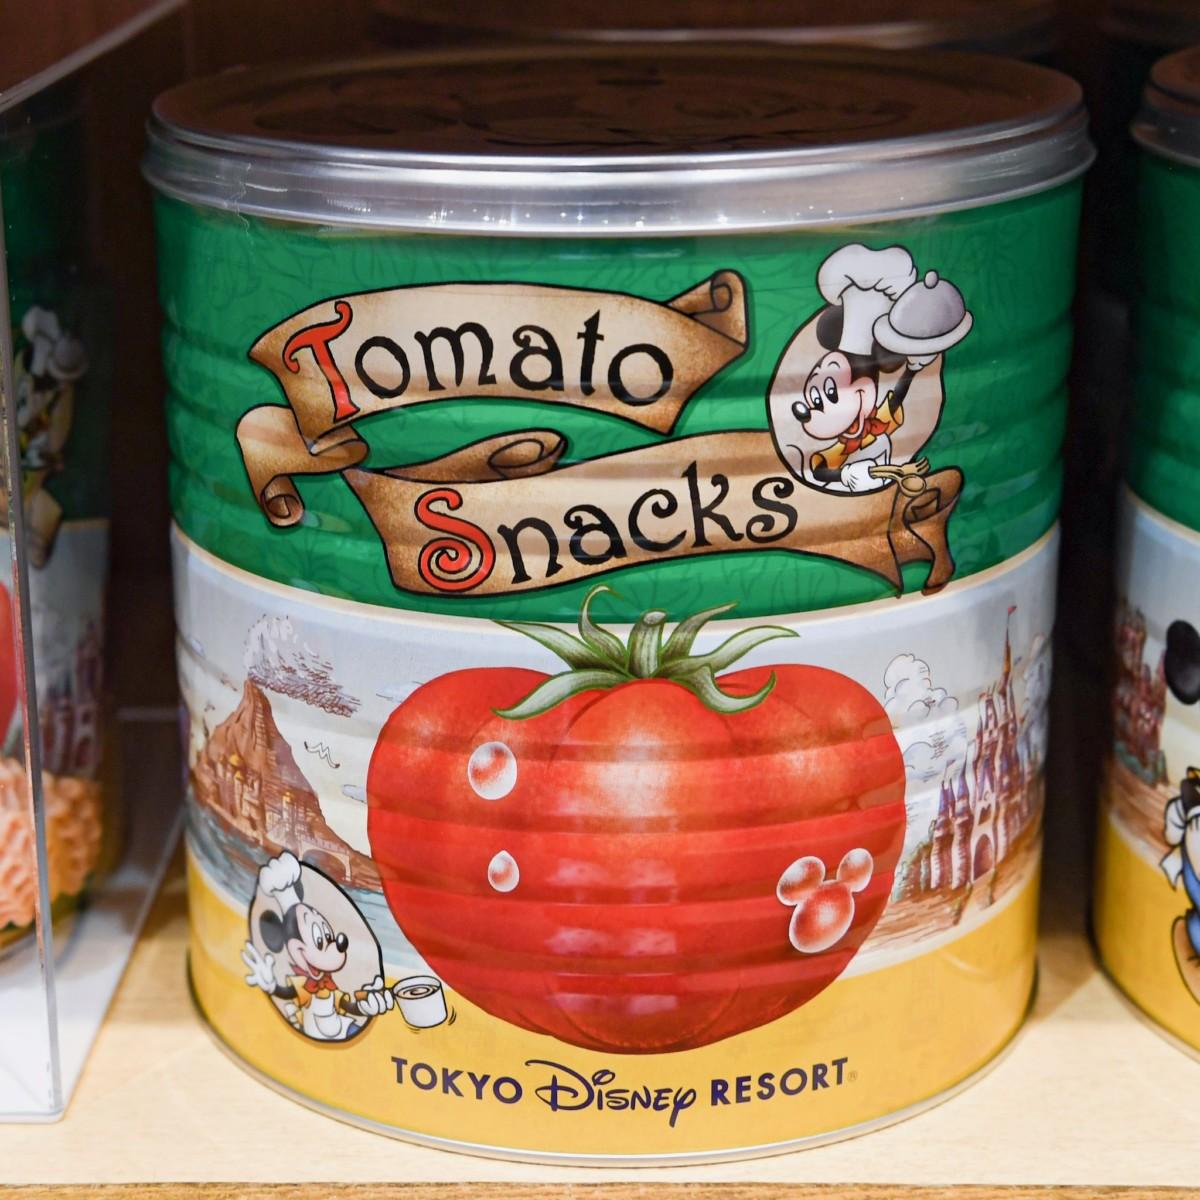 トマトスナック缶 パッケージ